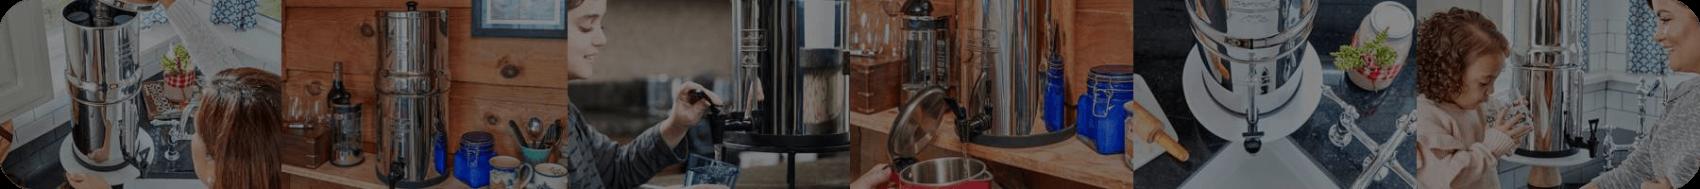 Filtres à eau et purificateur d'eau Berkey pour la maison